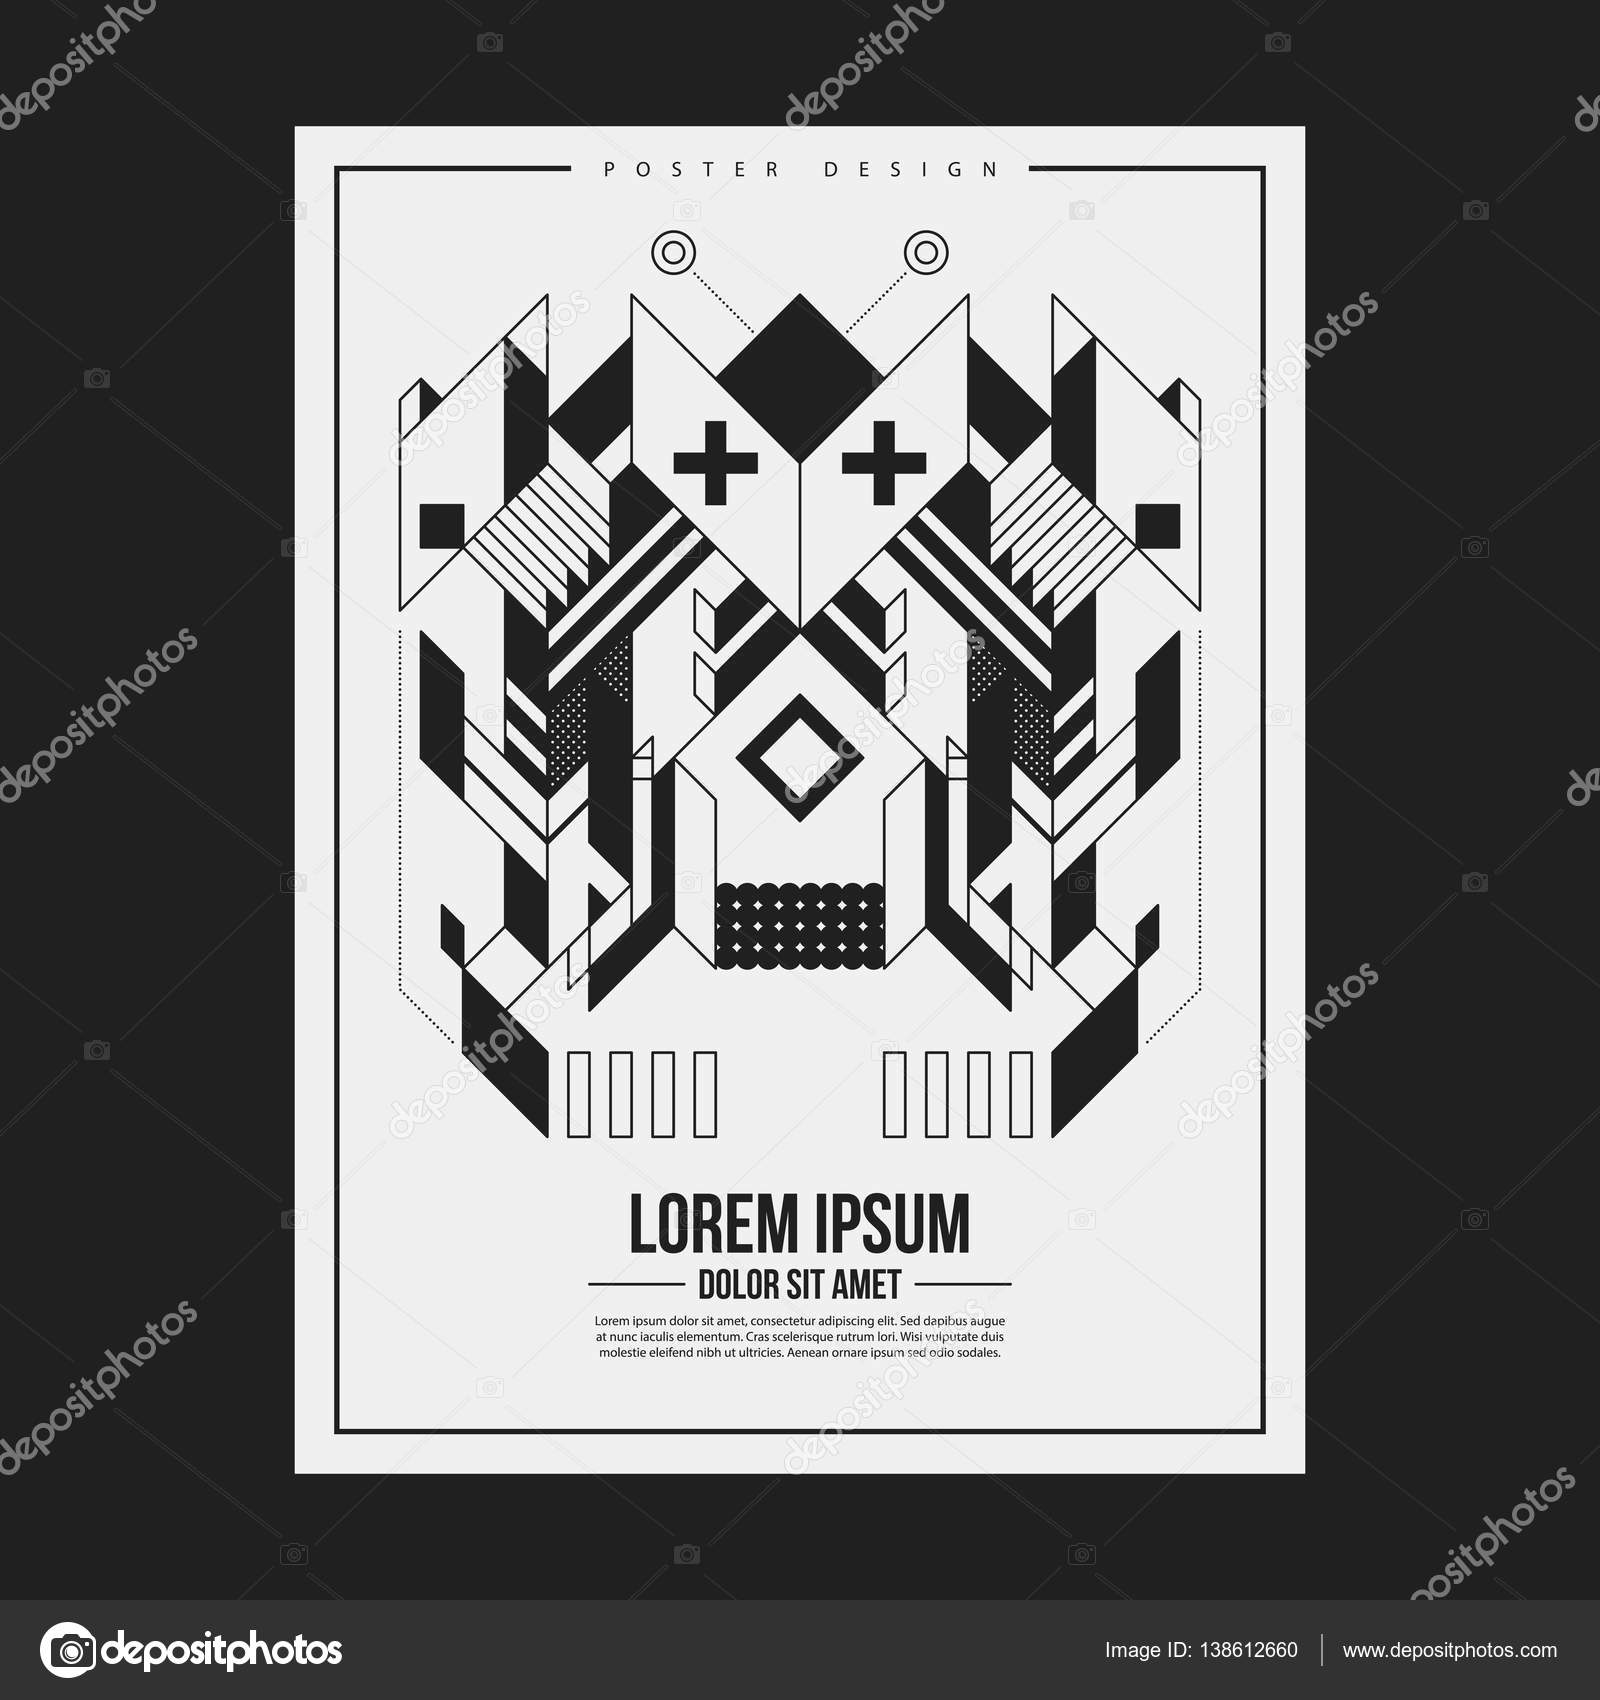 Plantilla de diseño de cartel/impresión con elemento simétrico ...